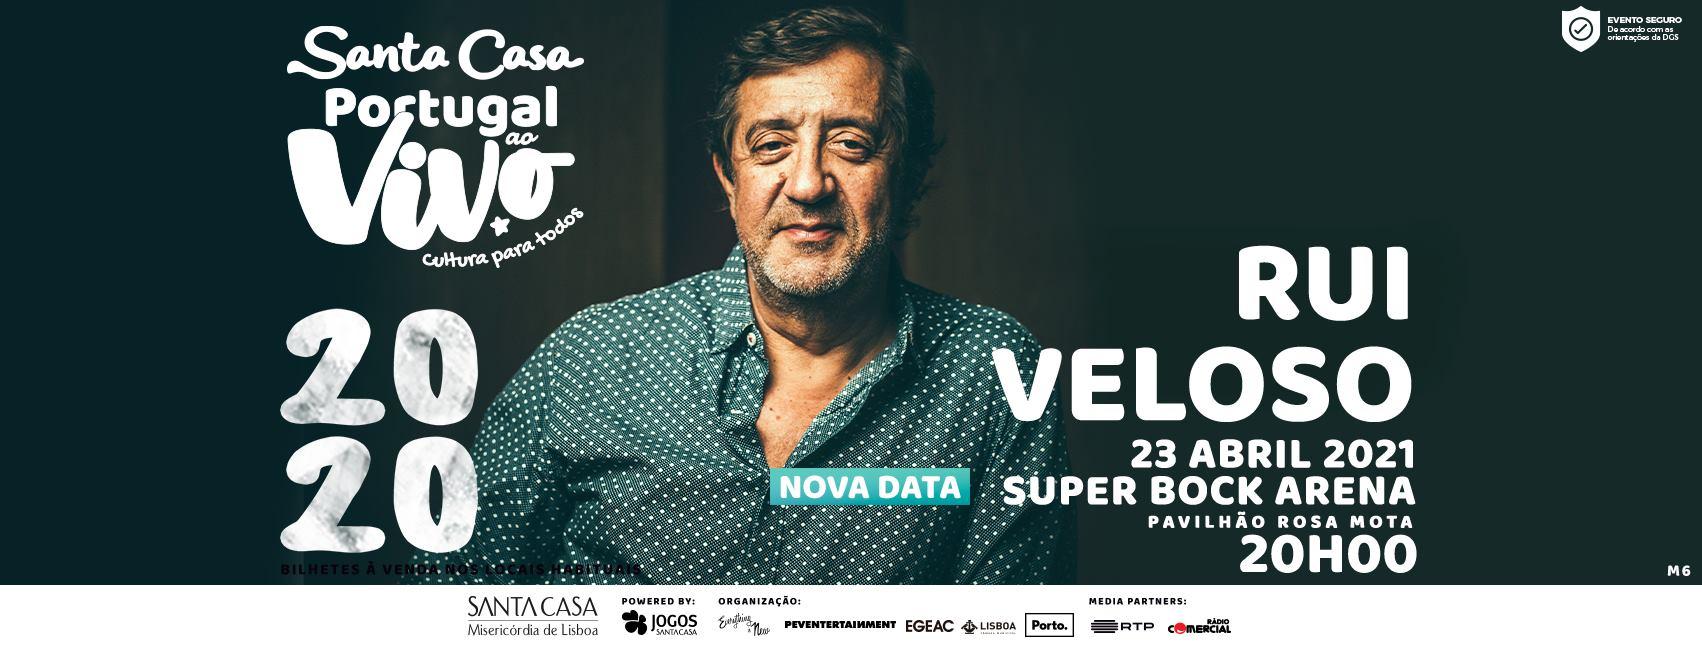 NOVA DATA: RUI VELOSO - SANTA CASA PORTUGAL AO VIVO